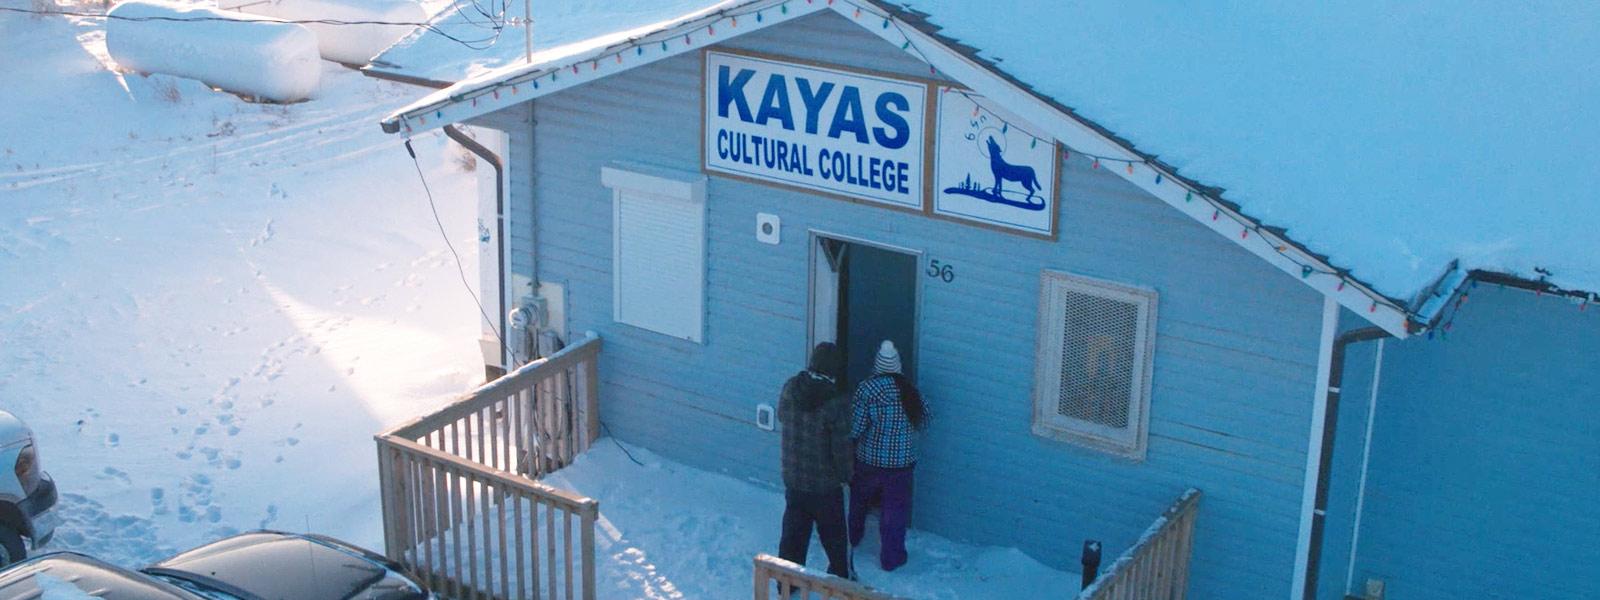 Utsidan av en byggnad vid Kayas Cultural College en snöig dag, och två elever går inomhus.